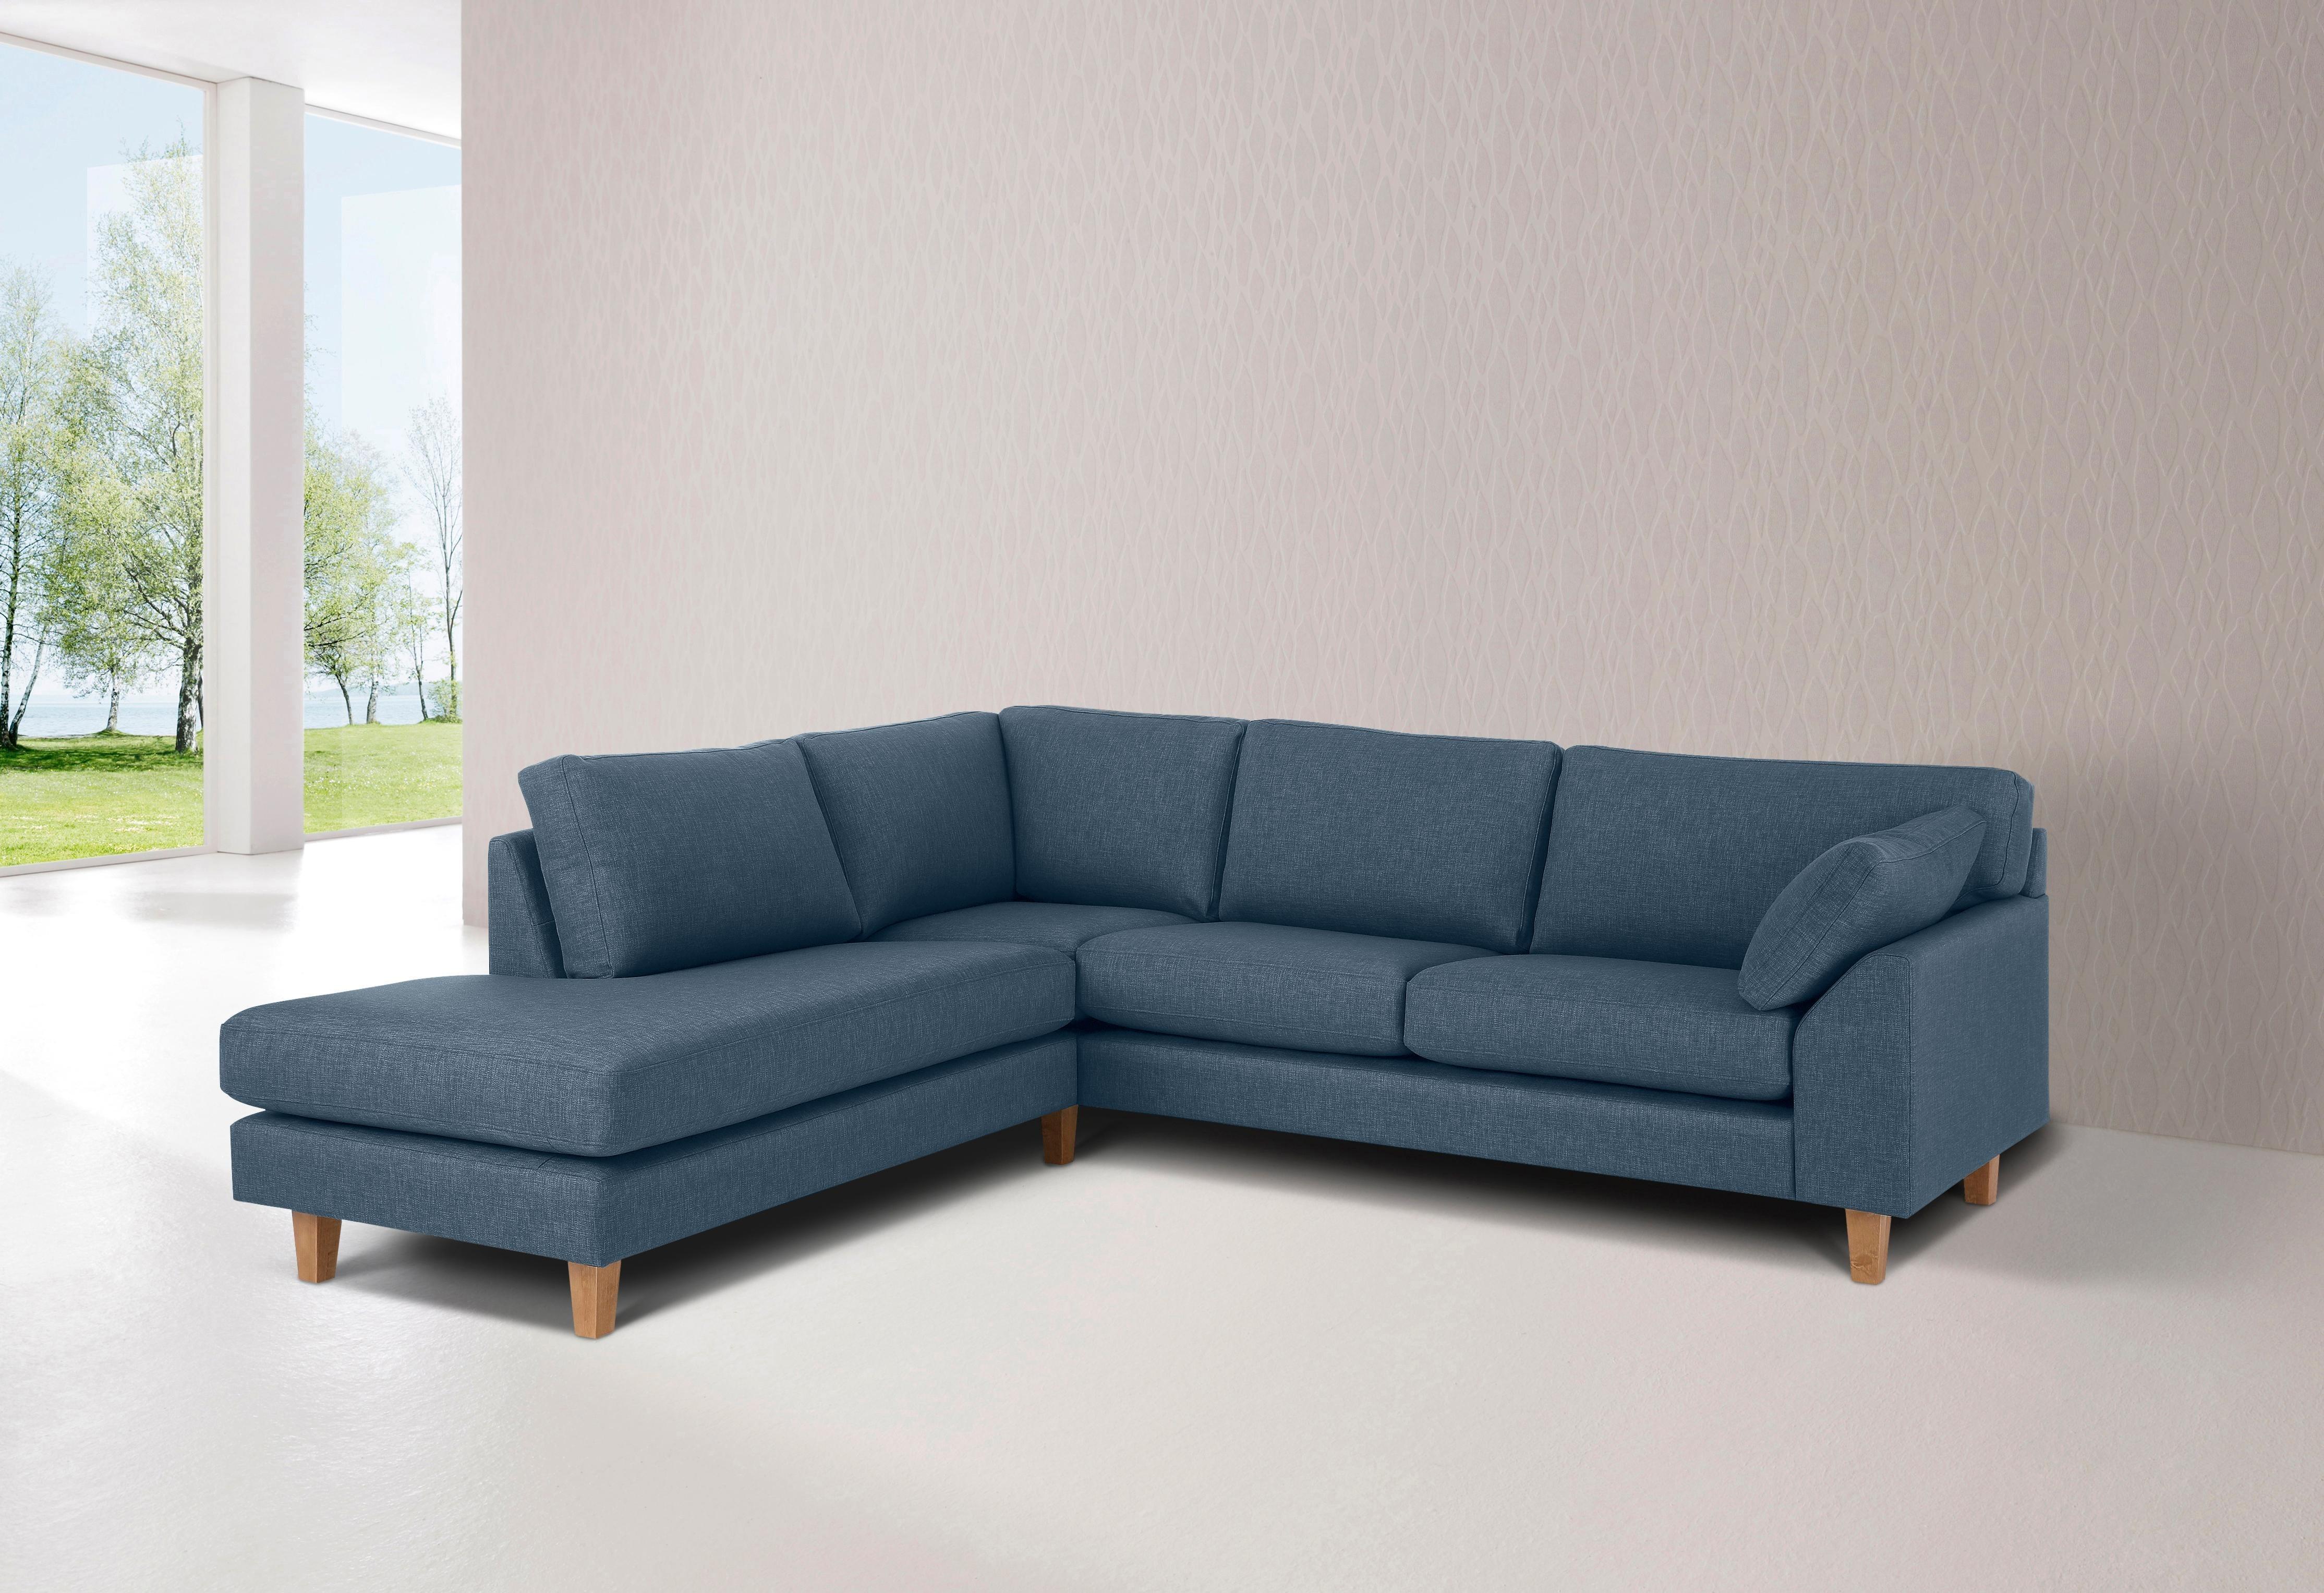 roomscape Ecksofas & Eckcouches online kaufen | Möbel-Suchmaschine ...